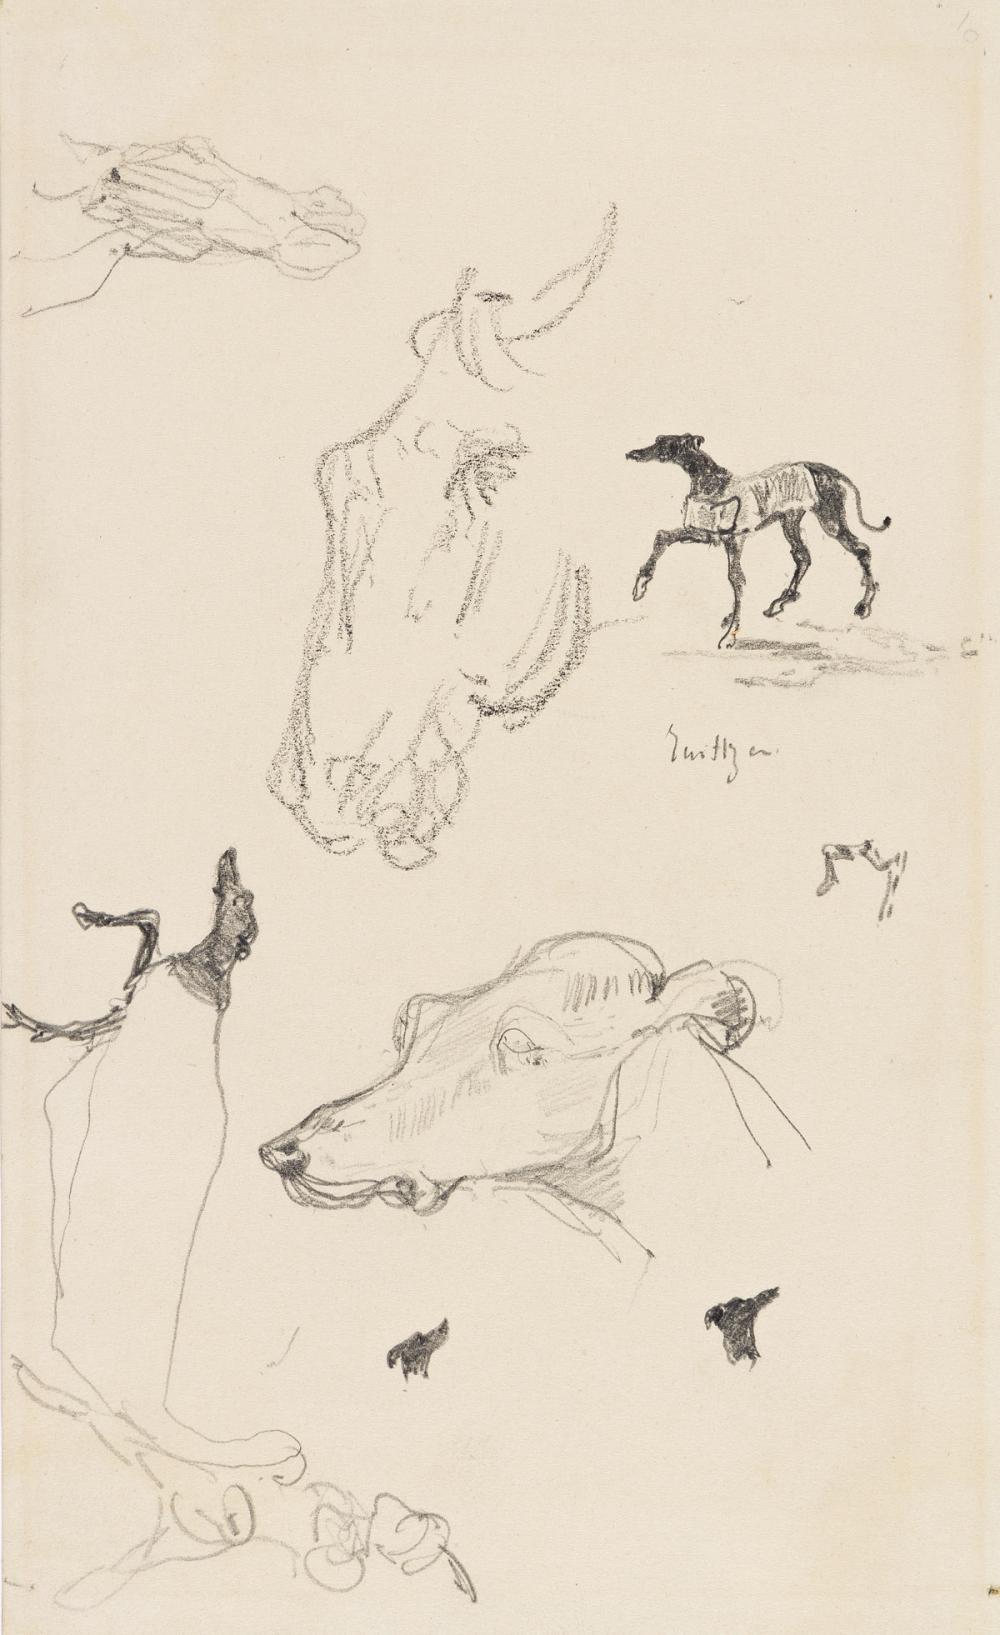 HENRI TOULOUSE-LAUTREC (Albi 1864-1901 Saint-André-du-Bois) Feuille d'études avec Chevaux et Chiens Lévriers.